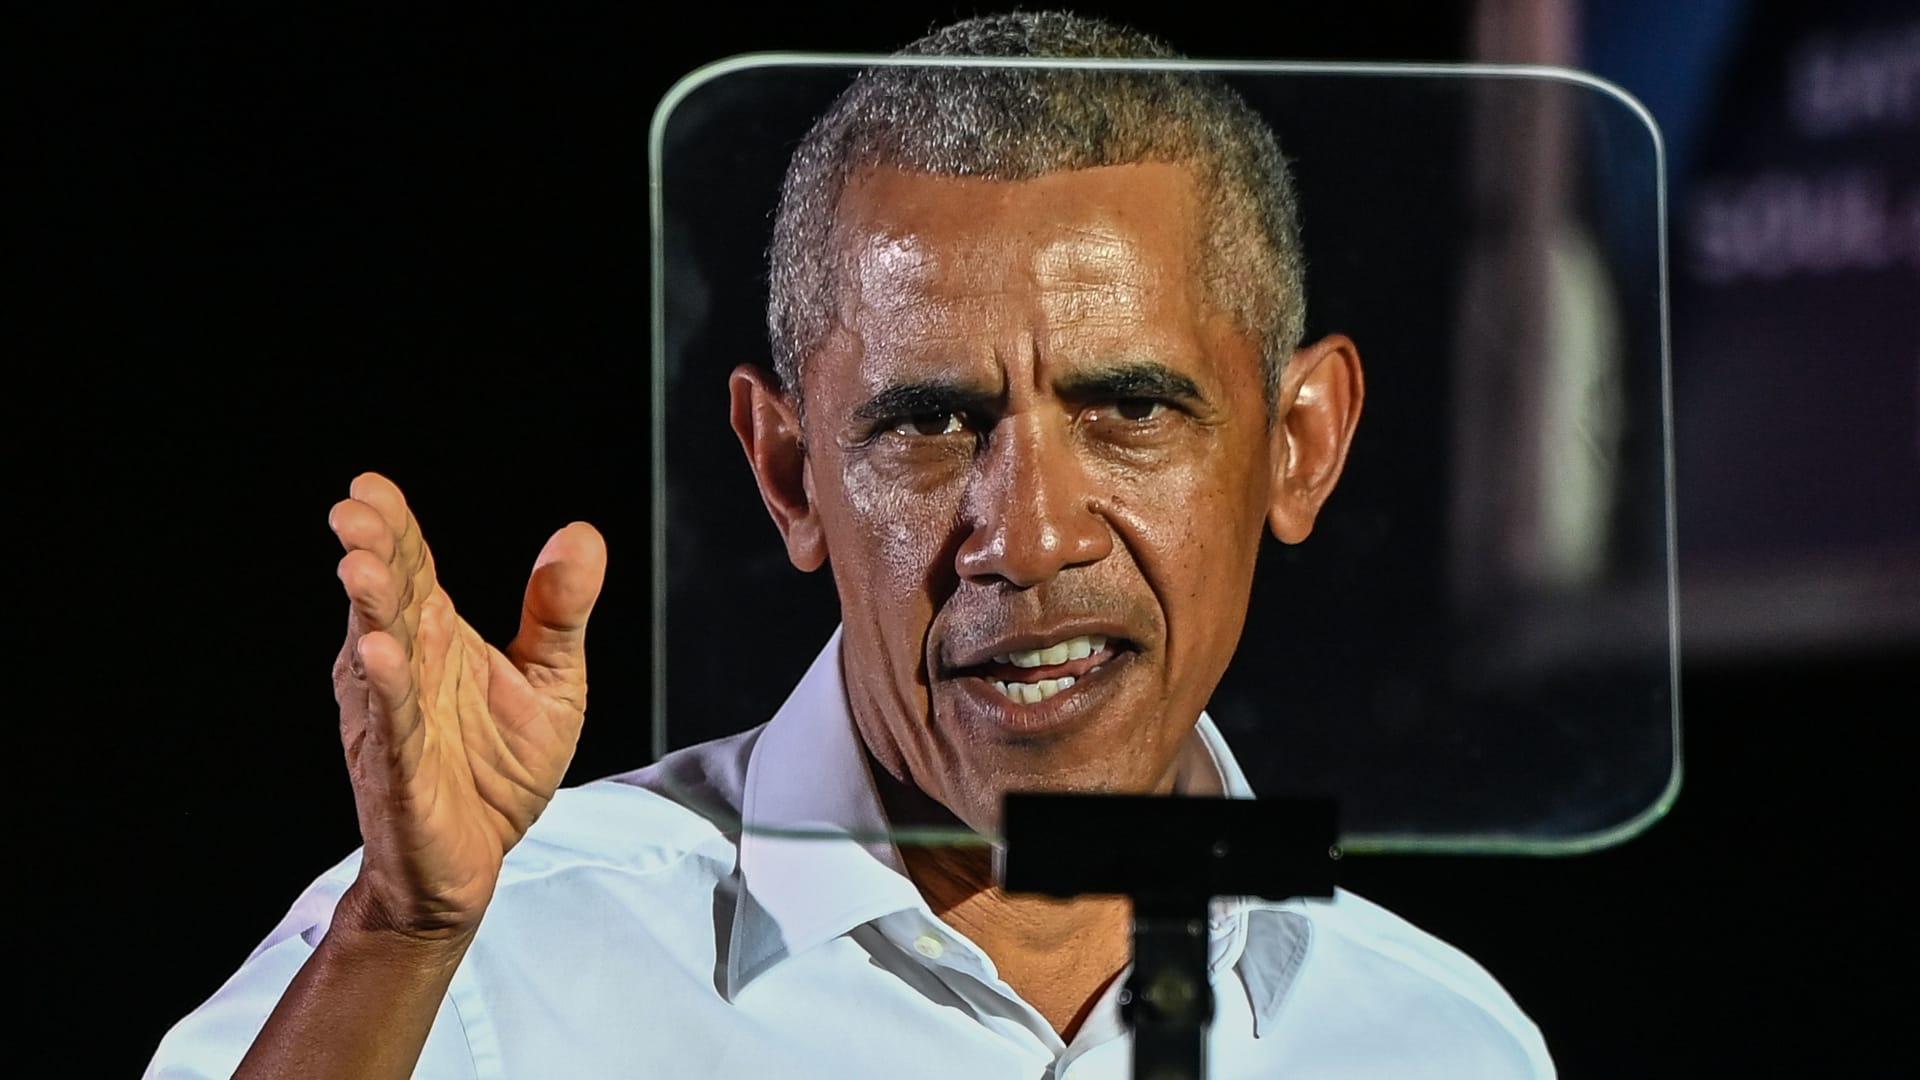 """""""الجمهوريون يضحكون عليه"""".. أوباما مُحذرًا: مزاعم ترامب بشأن تزوير الانتخابات تمهد """"مسارًا خطيرًا"""""""